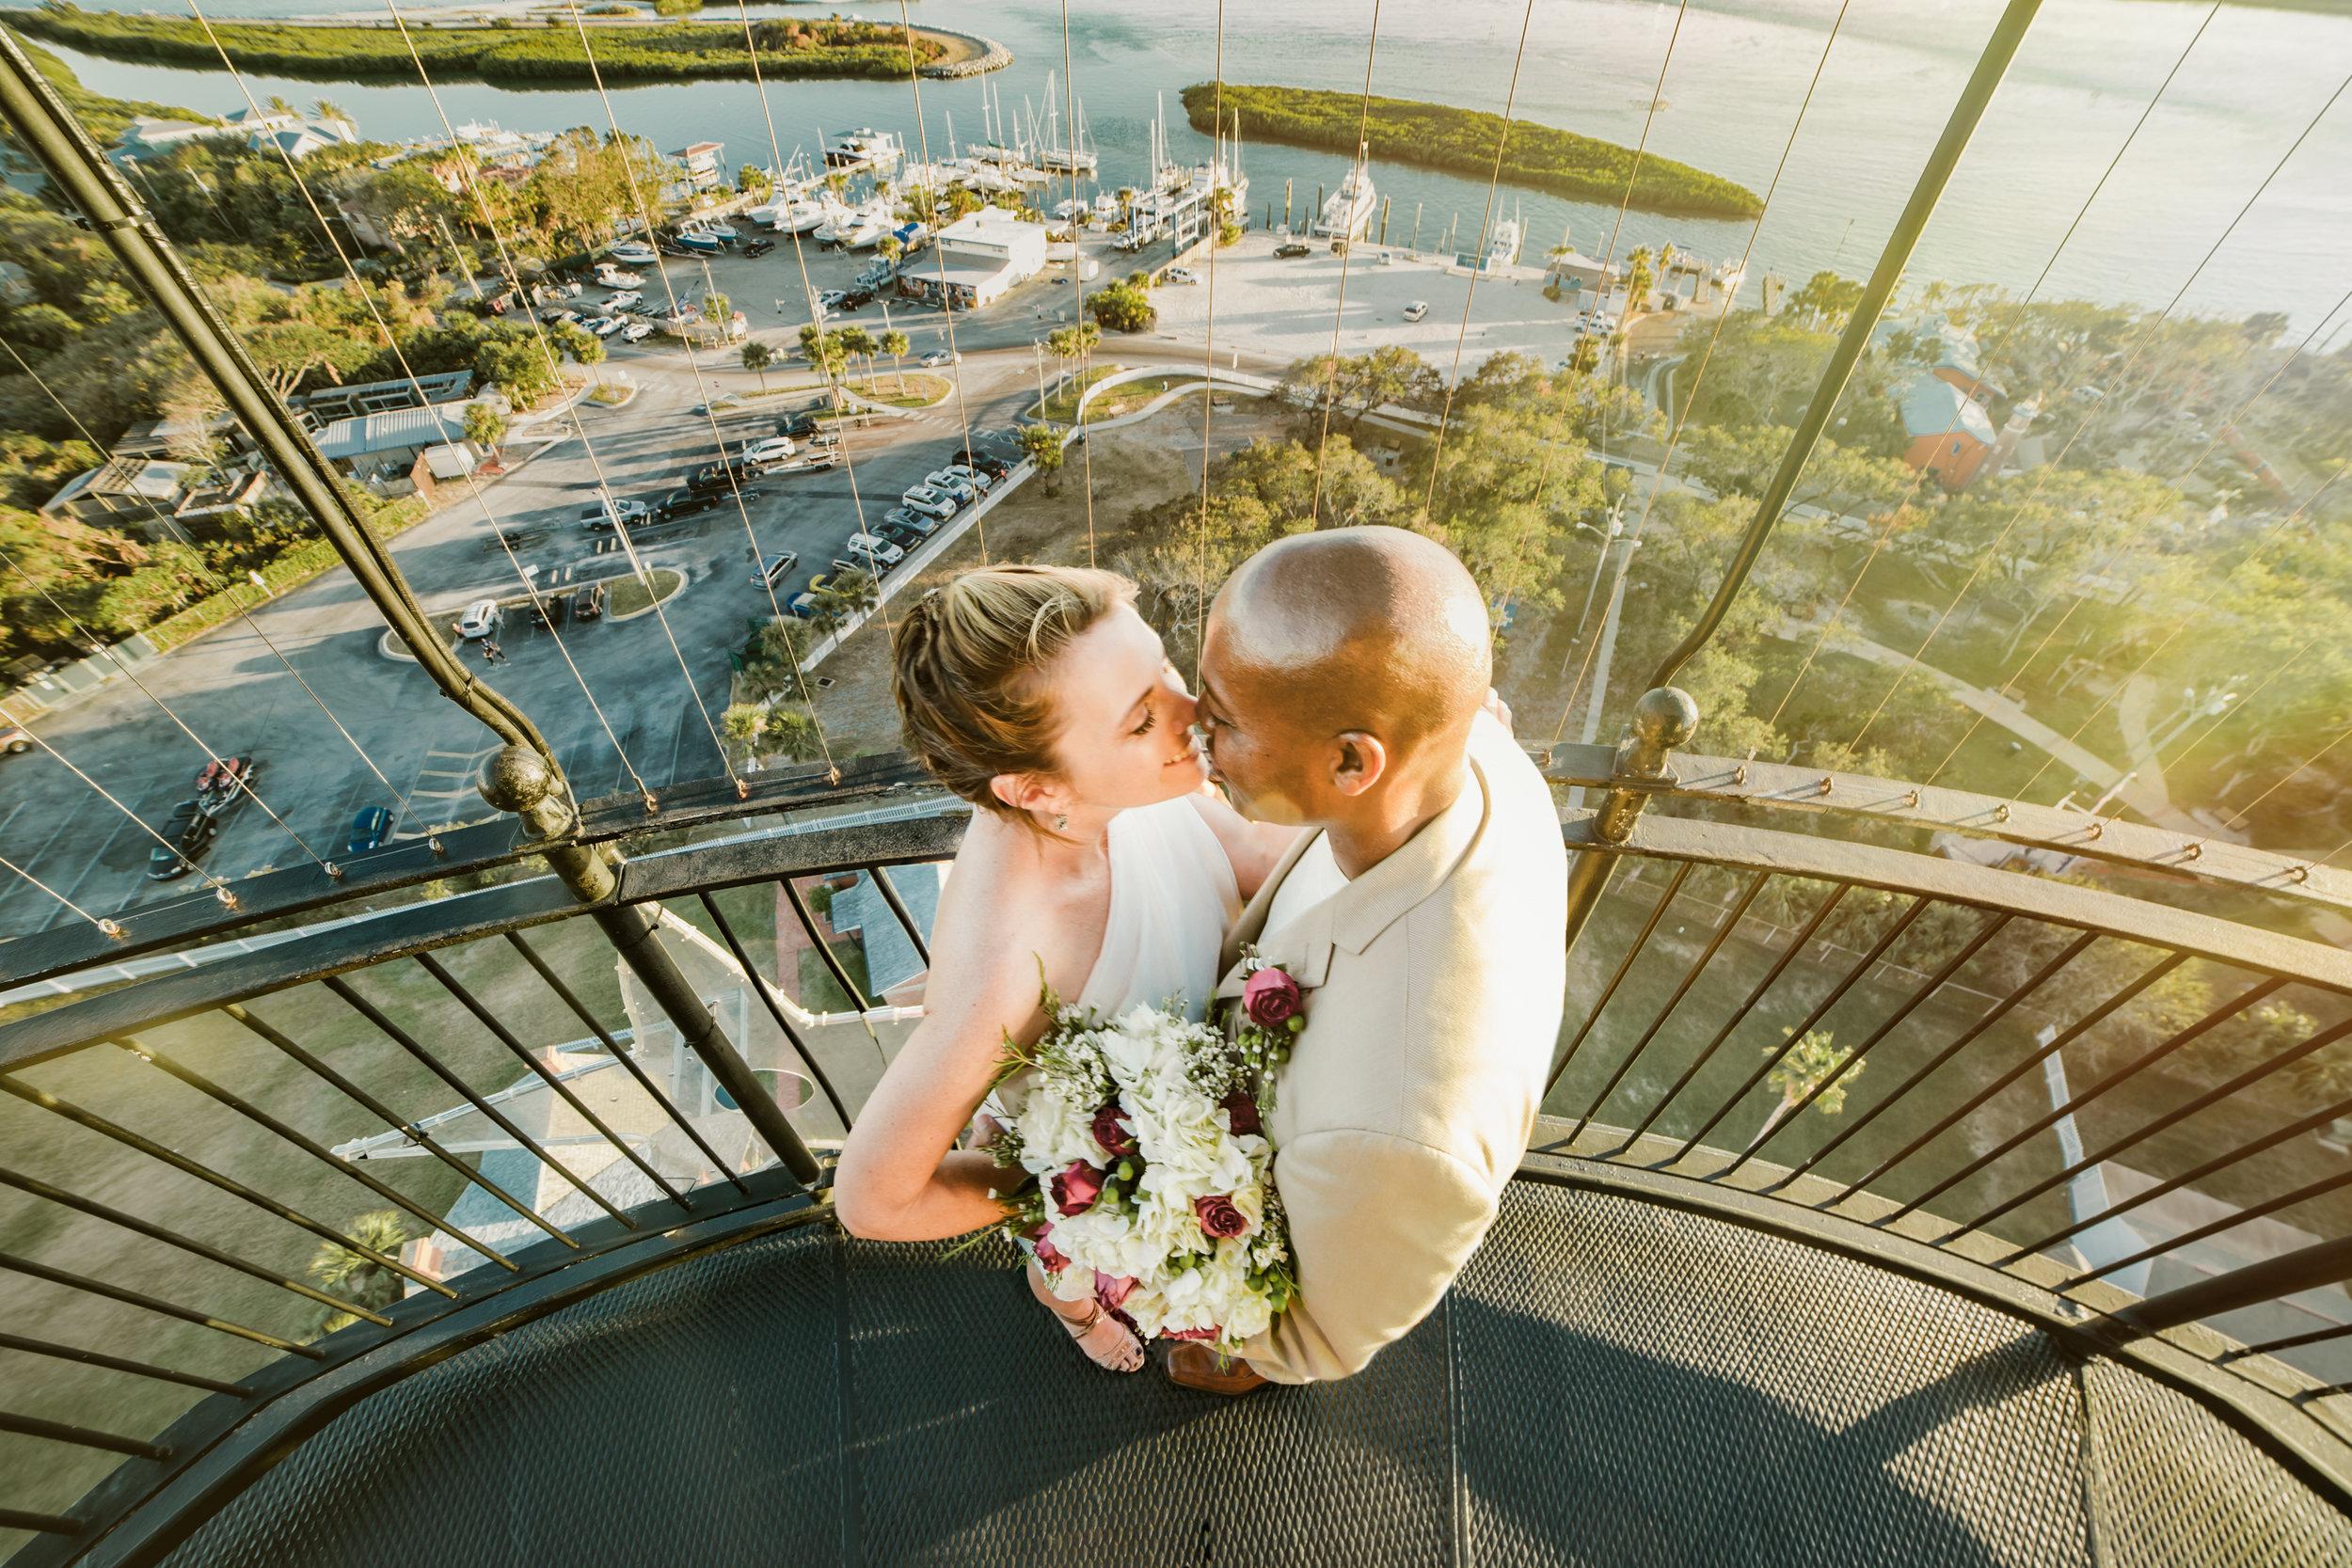 Violets & Seastars- November Ponce Inlet Wedding - Suzette & Dwight 133.jpg